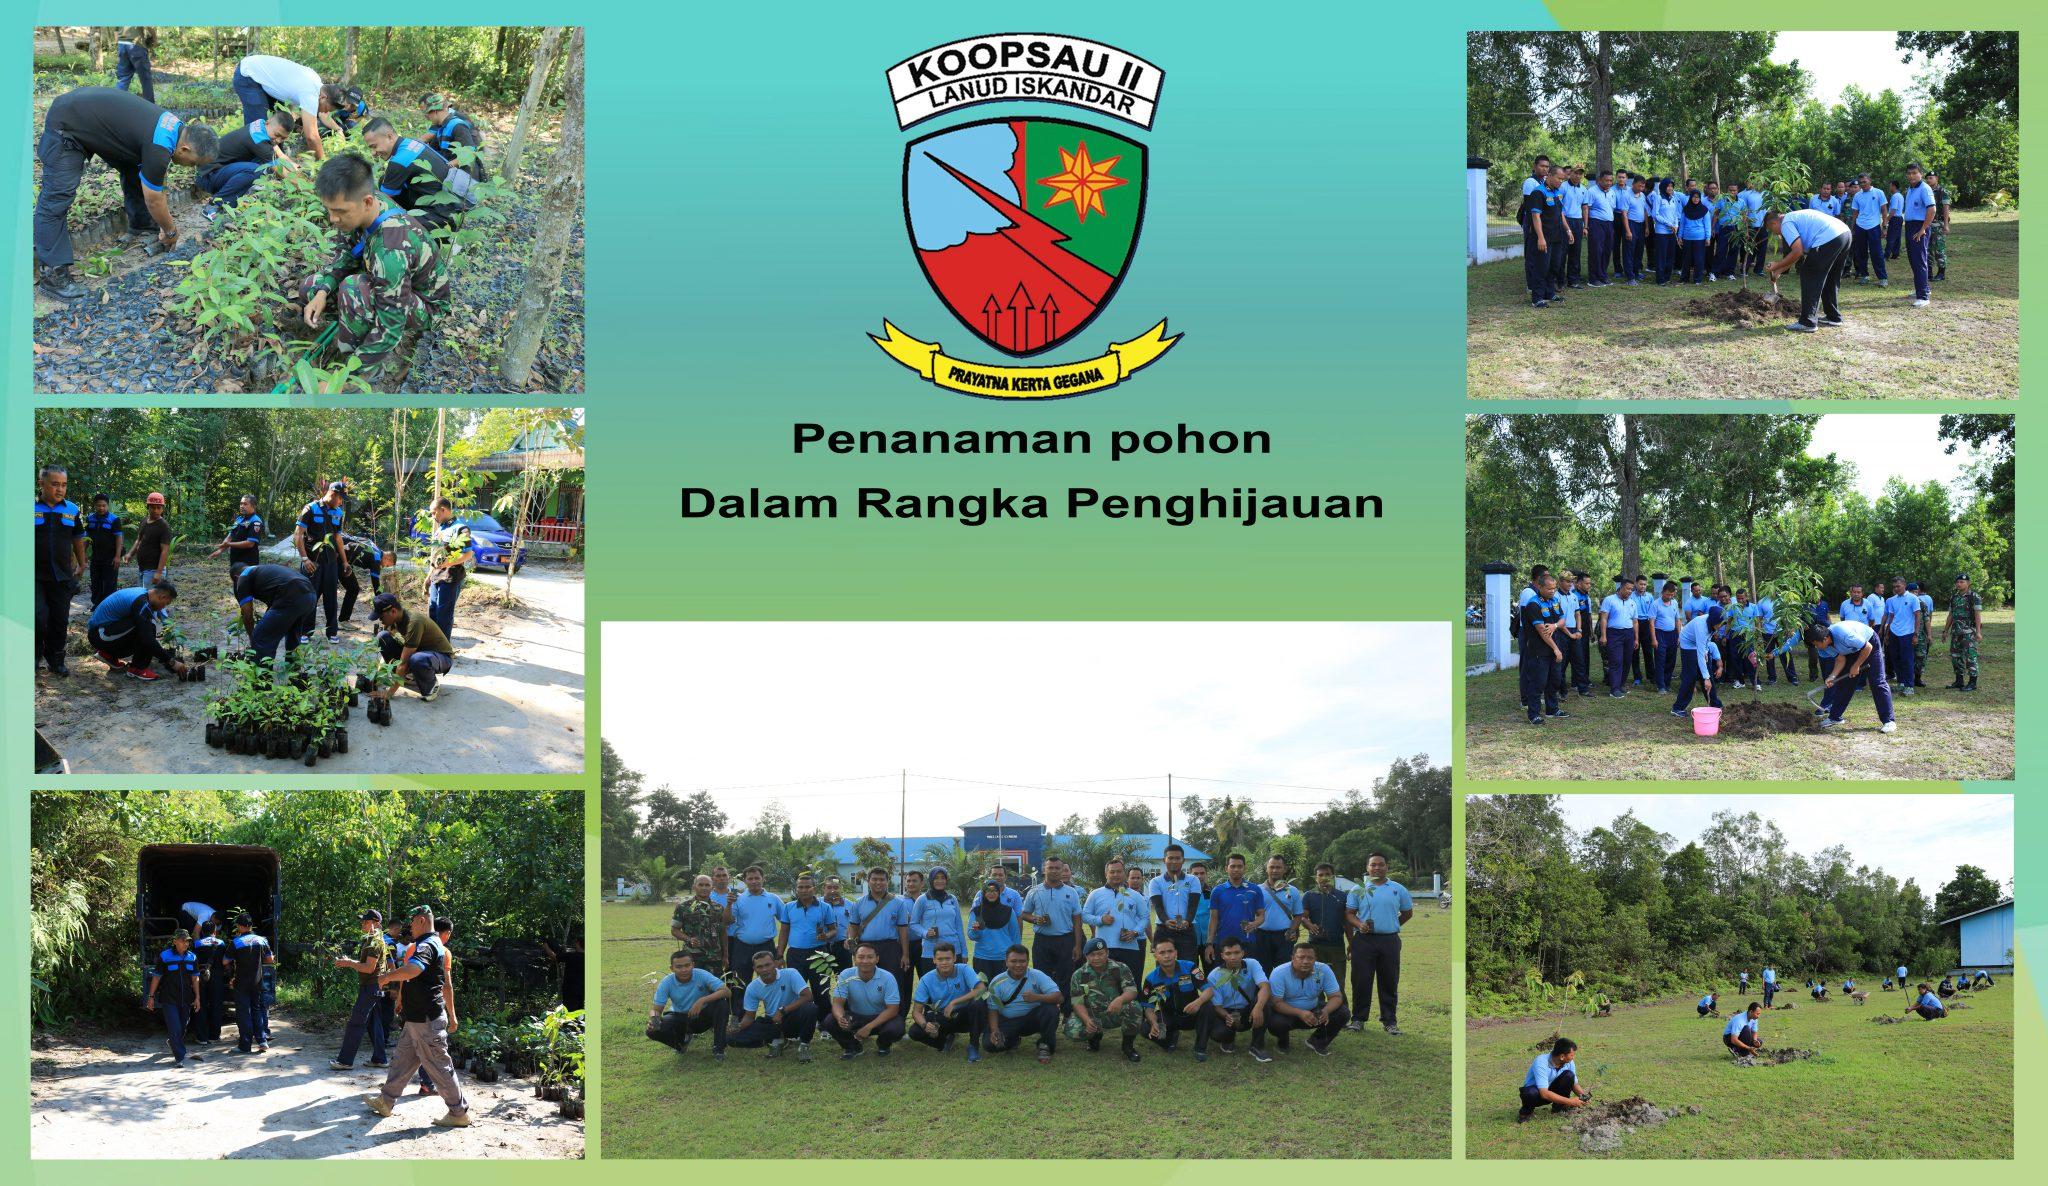 Lanud Iskandar Tanam 400 Pohon